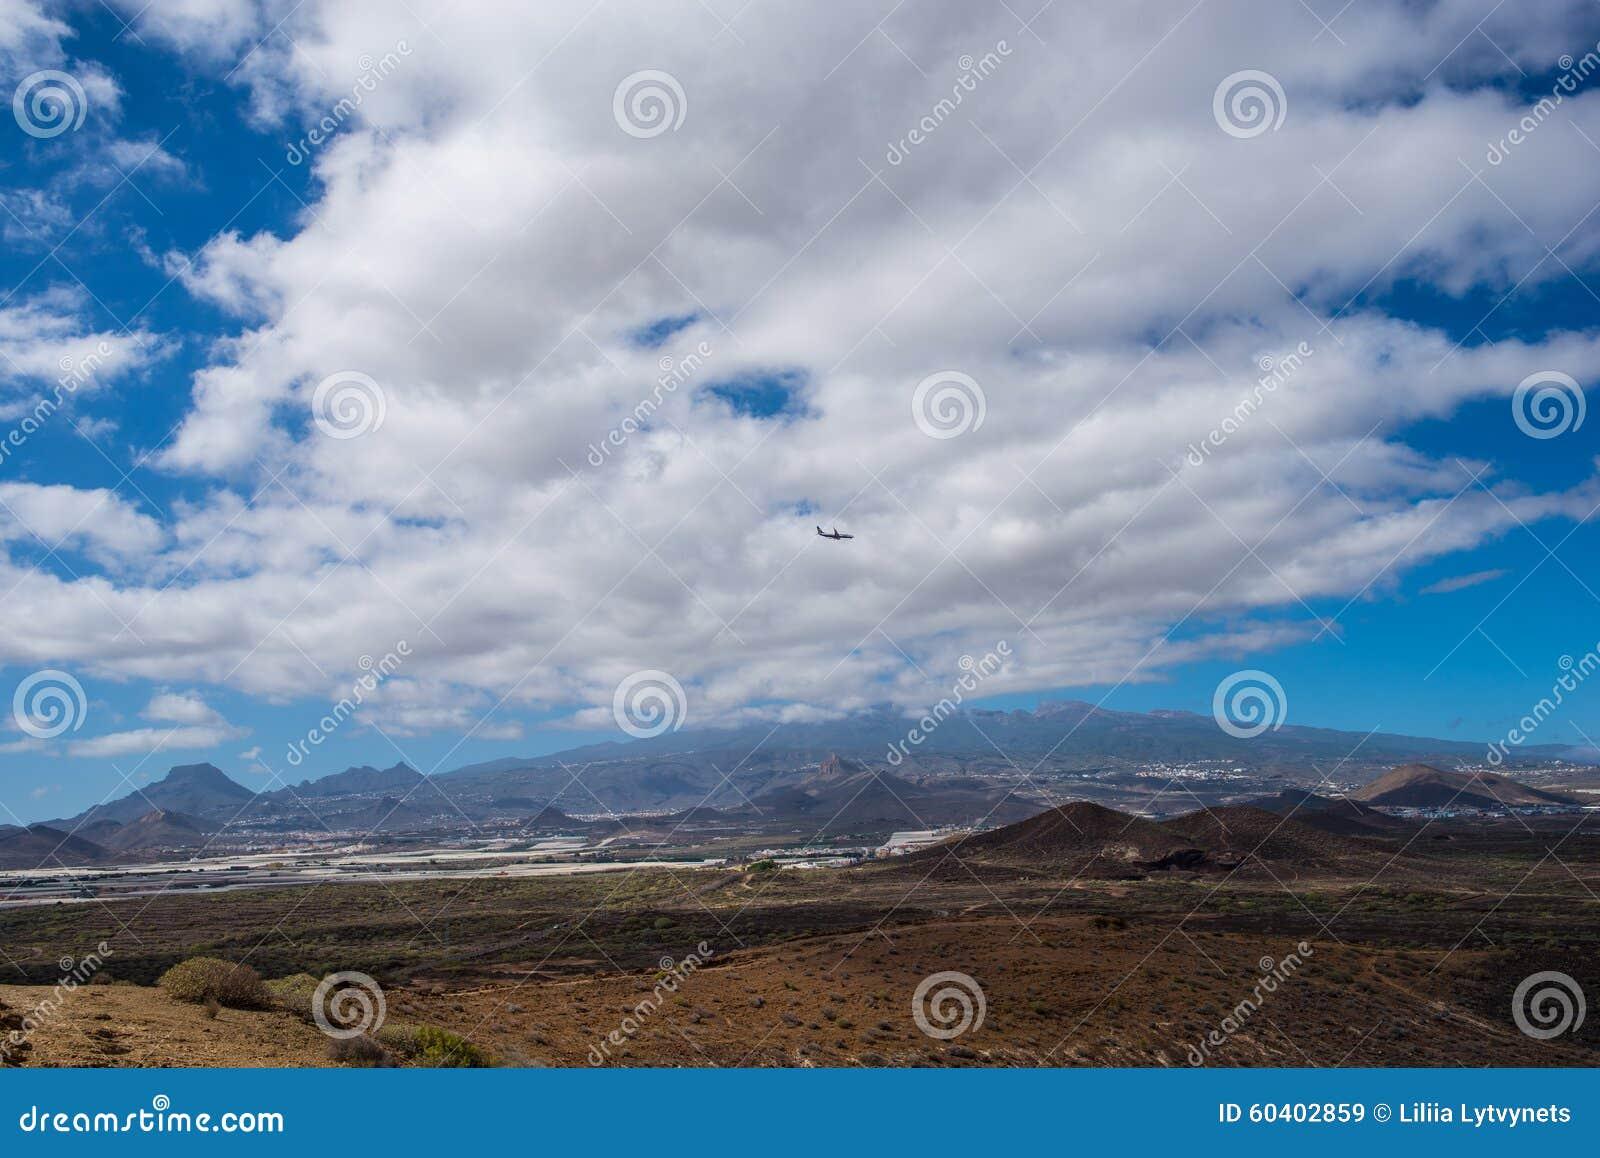 山和火山泰德峰,云彩